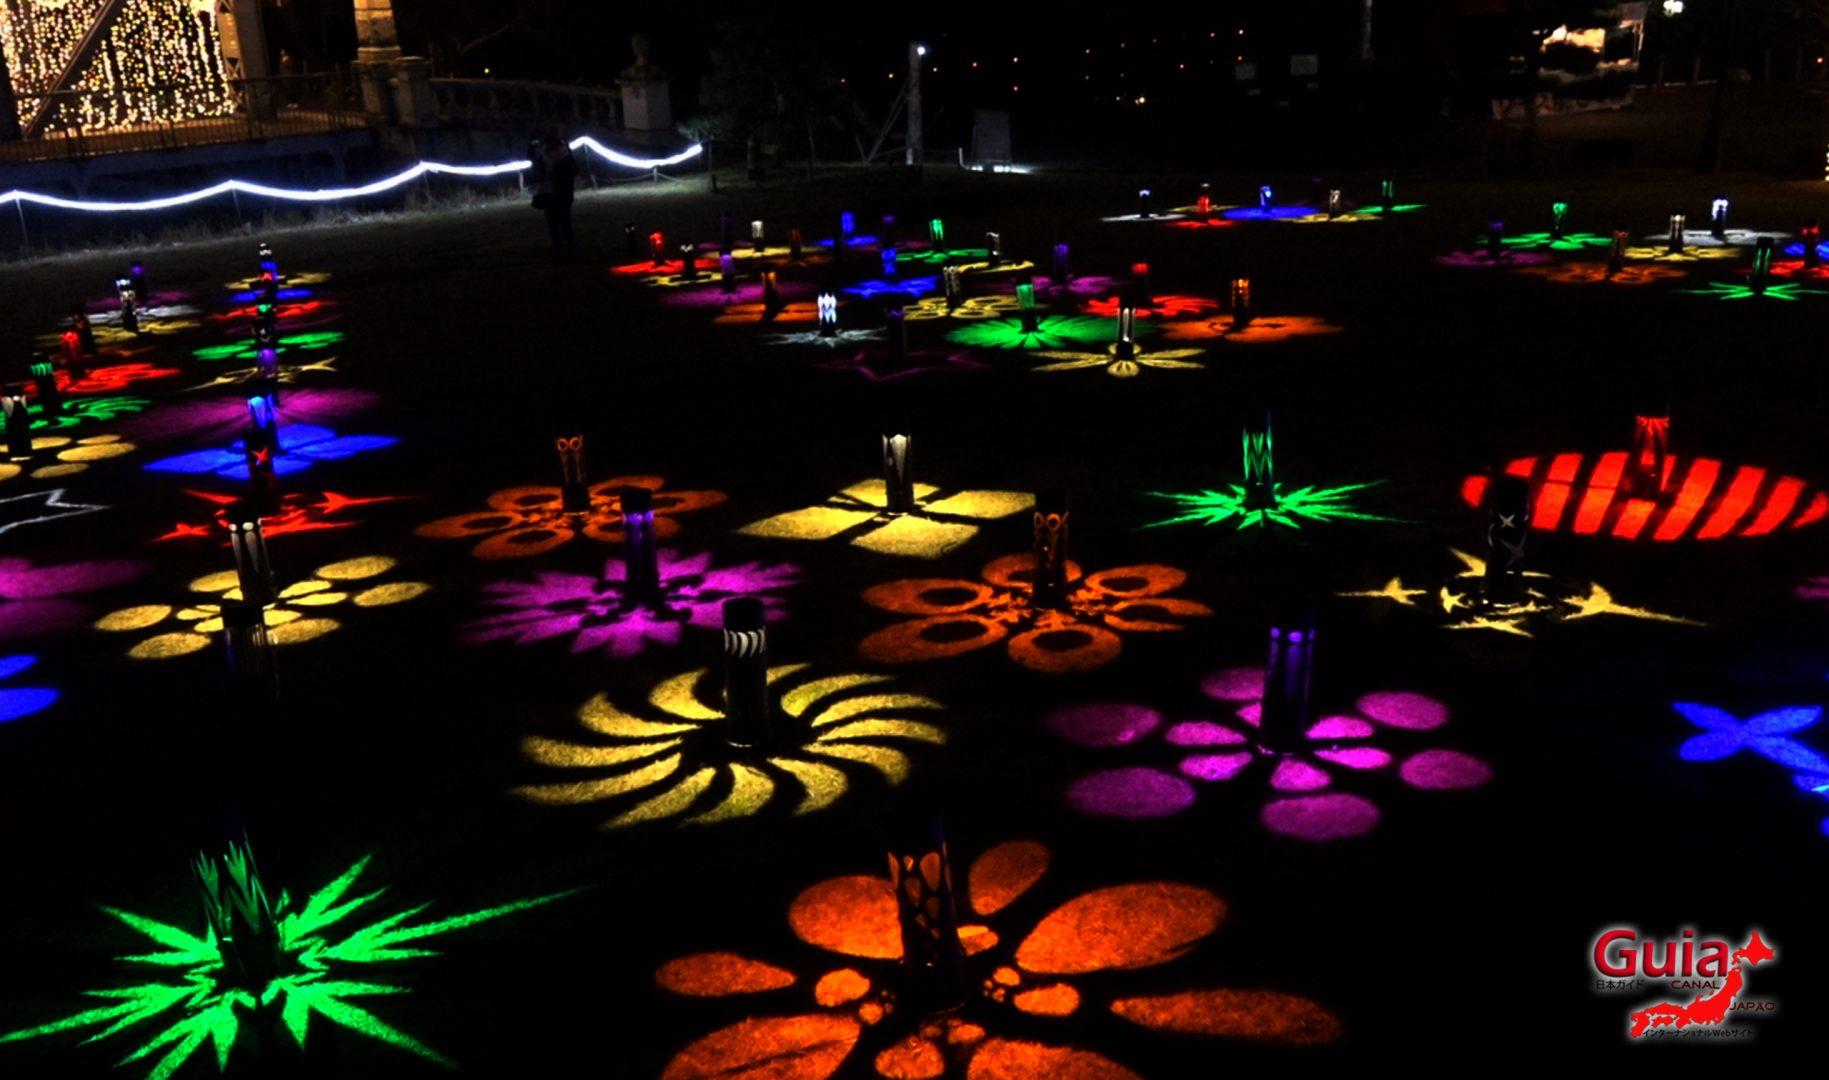 Мэйжи-Мура музей - Баярын гэрэлтүүлэг 26